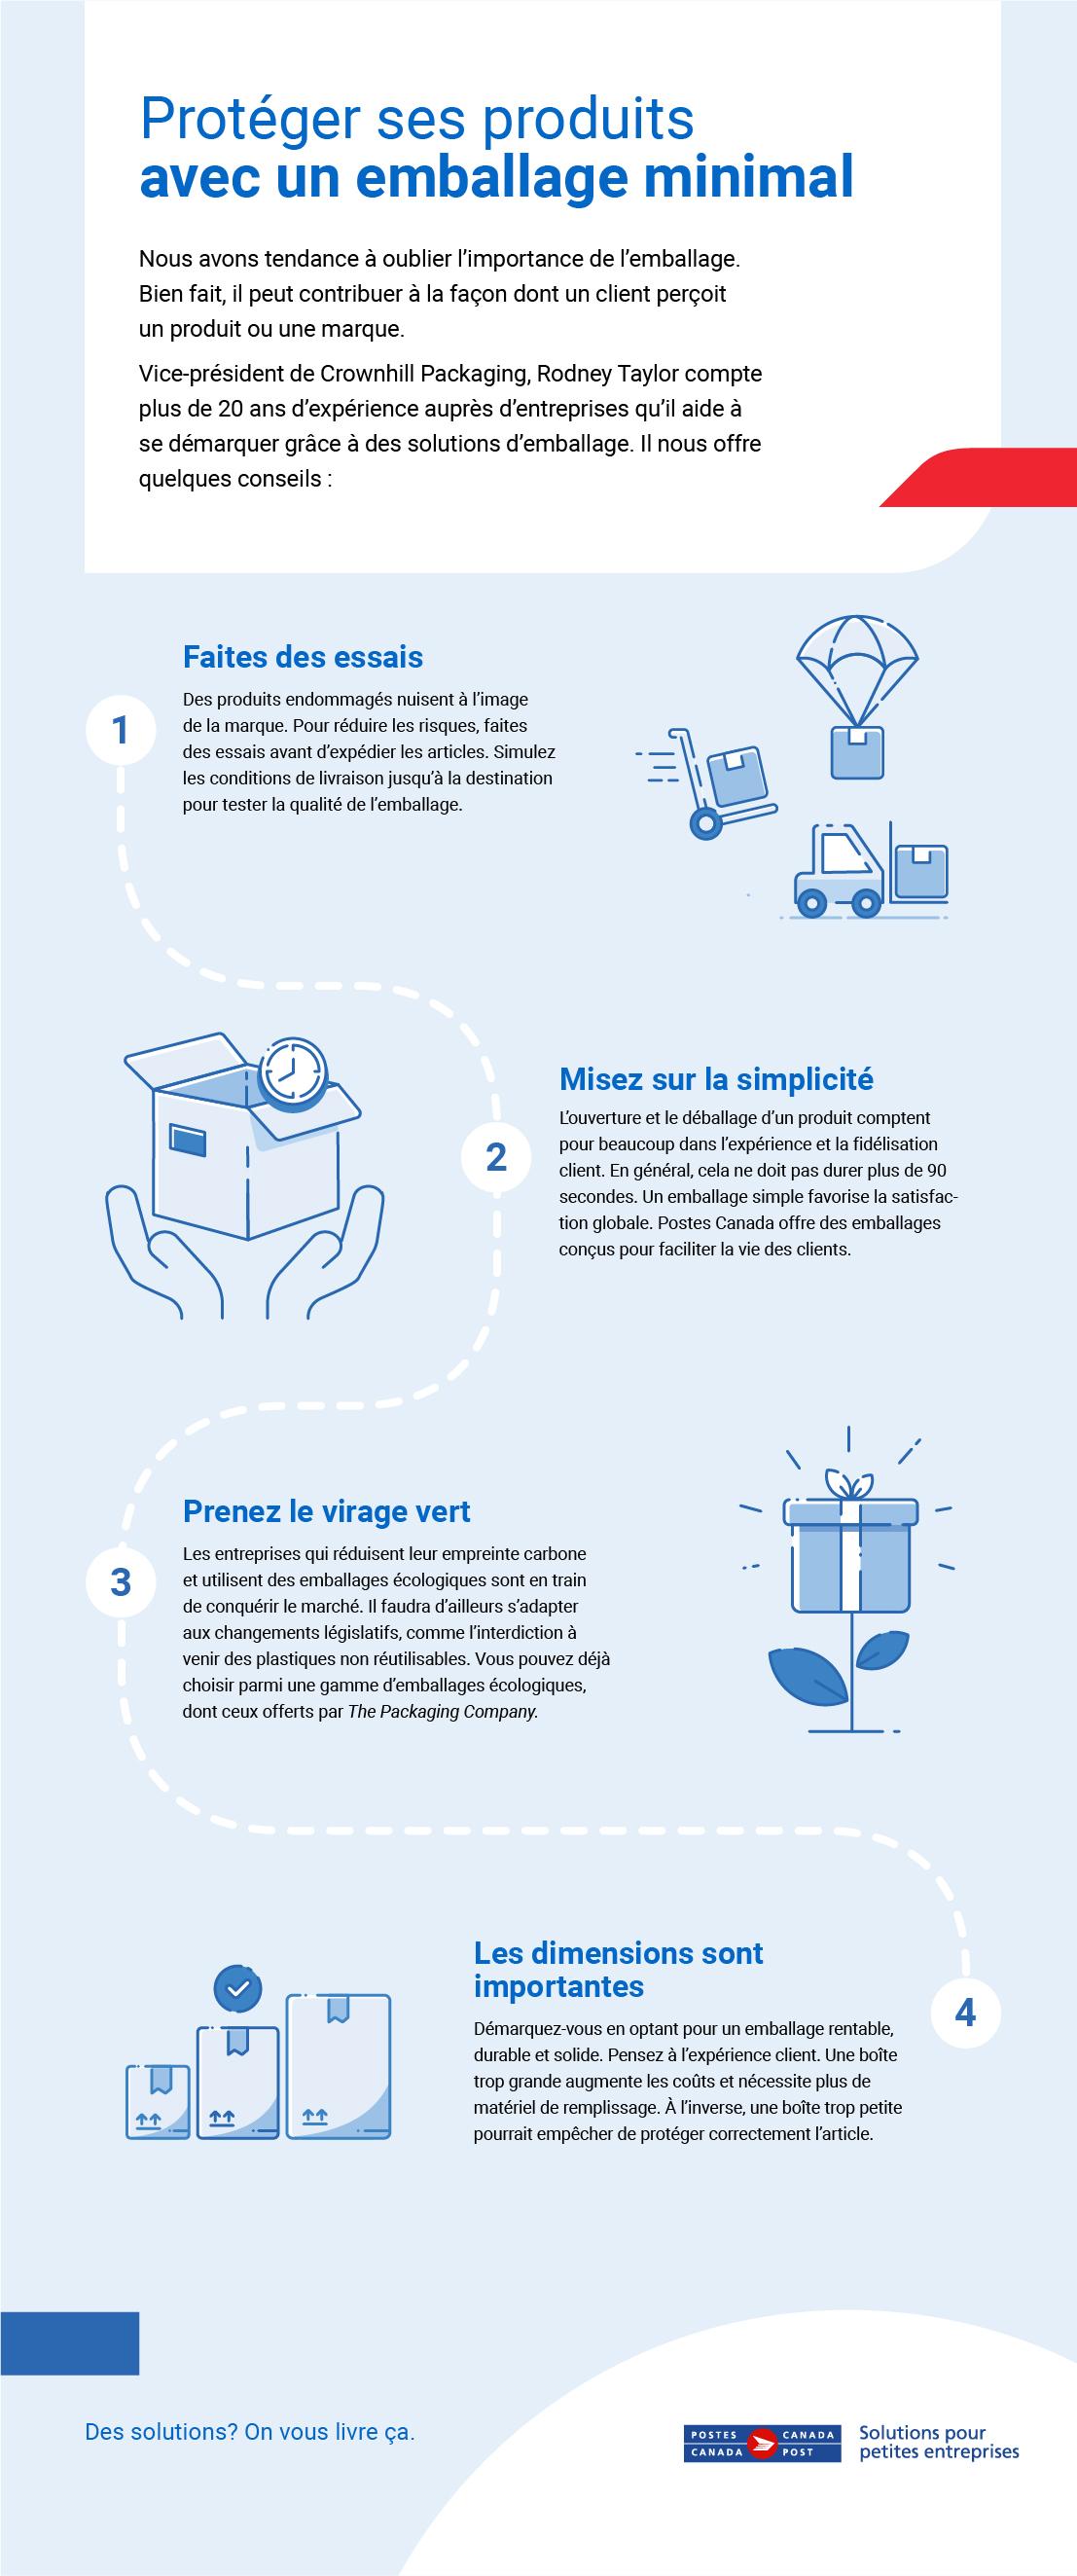 Téléchargez notre document PDF, Protéger ses produits avec un emballage minimal, et obtenez 4 conseils qui vous aideront à emballer et à protéger vos produits sans les suremballer.